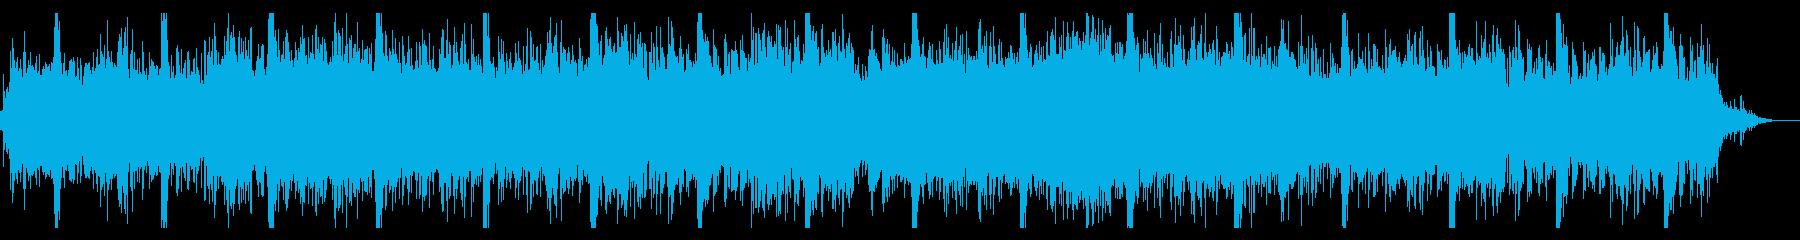 不思議でサスペンシブなテクスチャの再生済みの波形